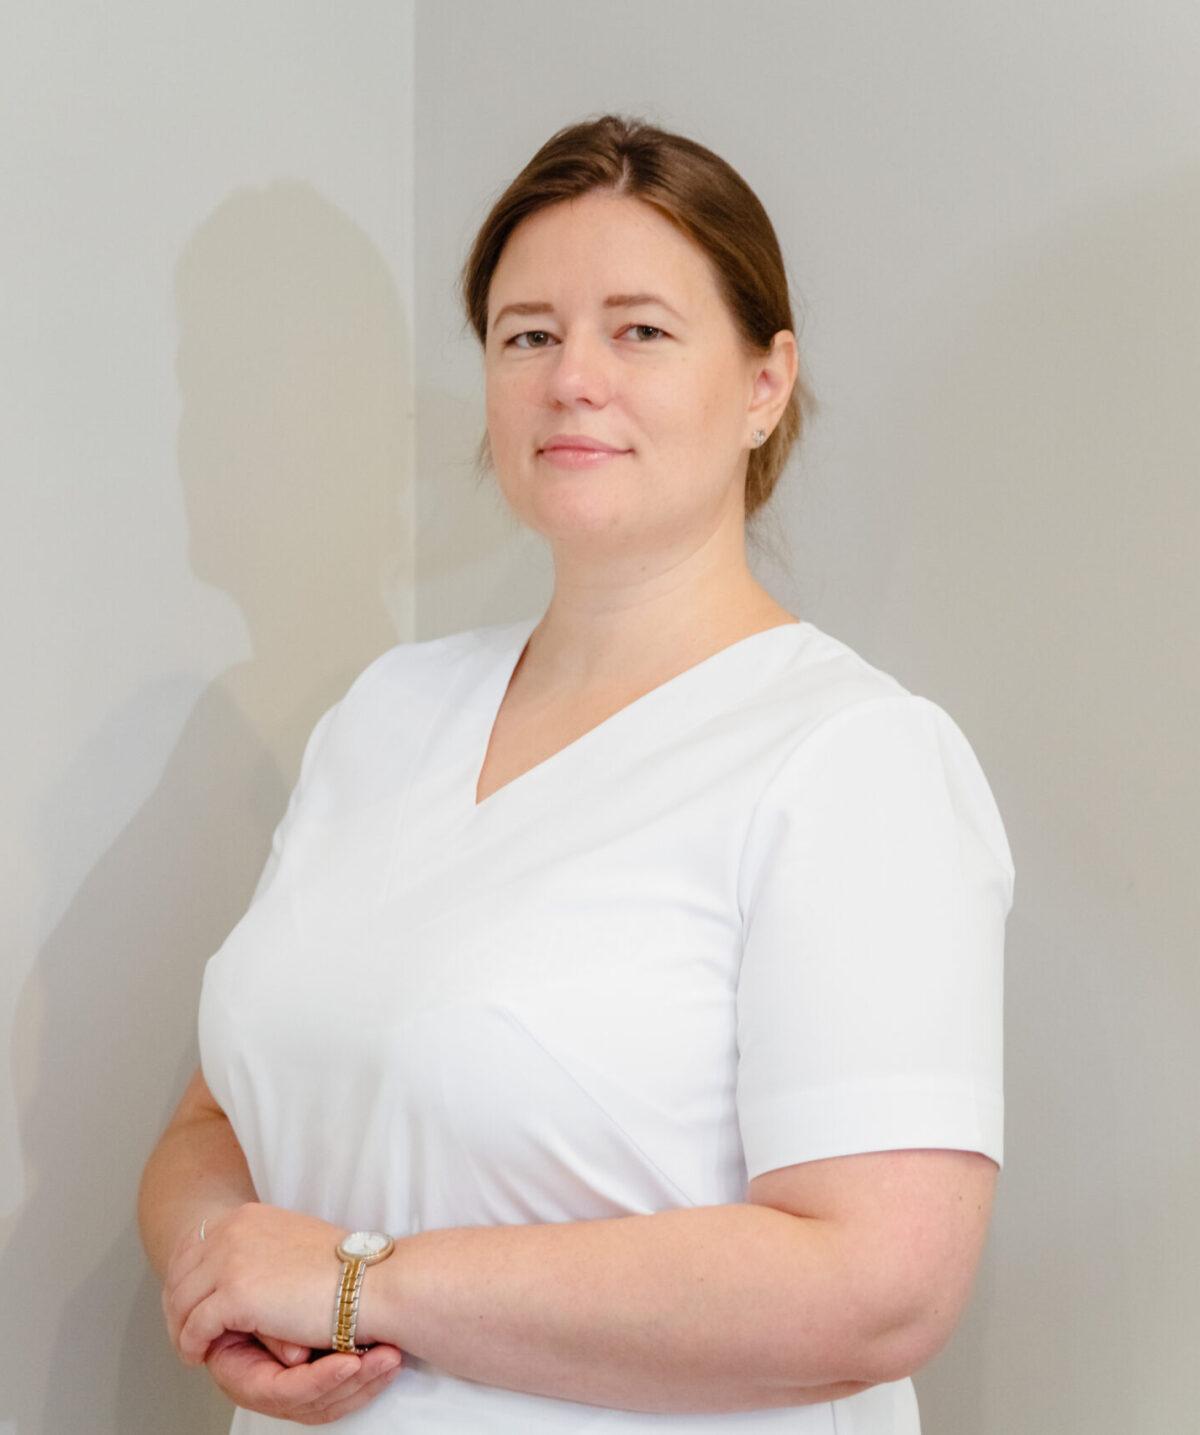 Семелева Екатерина Игоревна